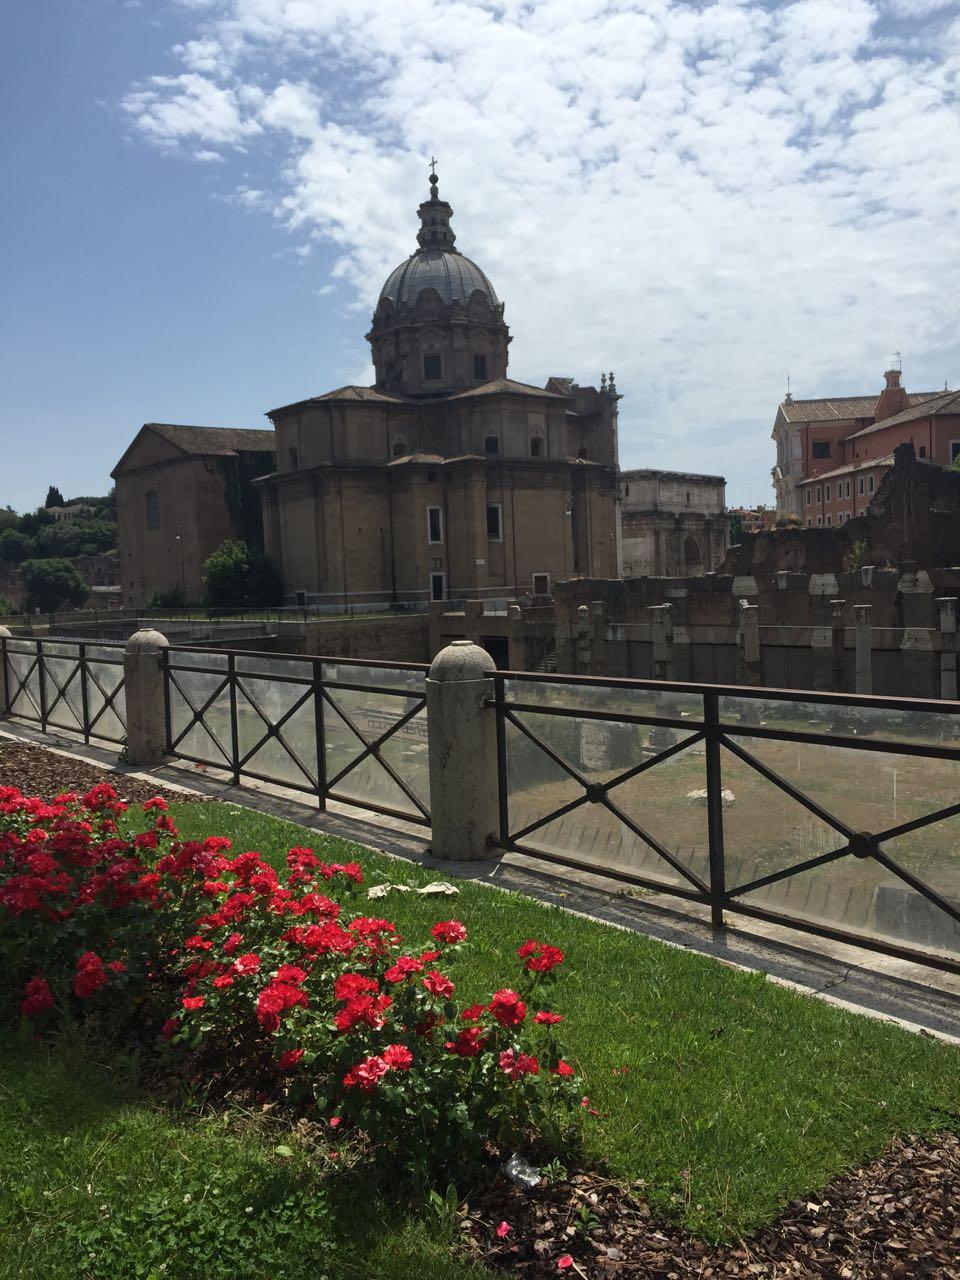 1FT Rome Italy - Campitelli - Lazio, May 20, 2015 - 44 of 75